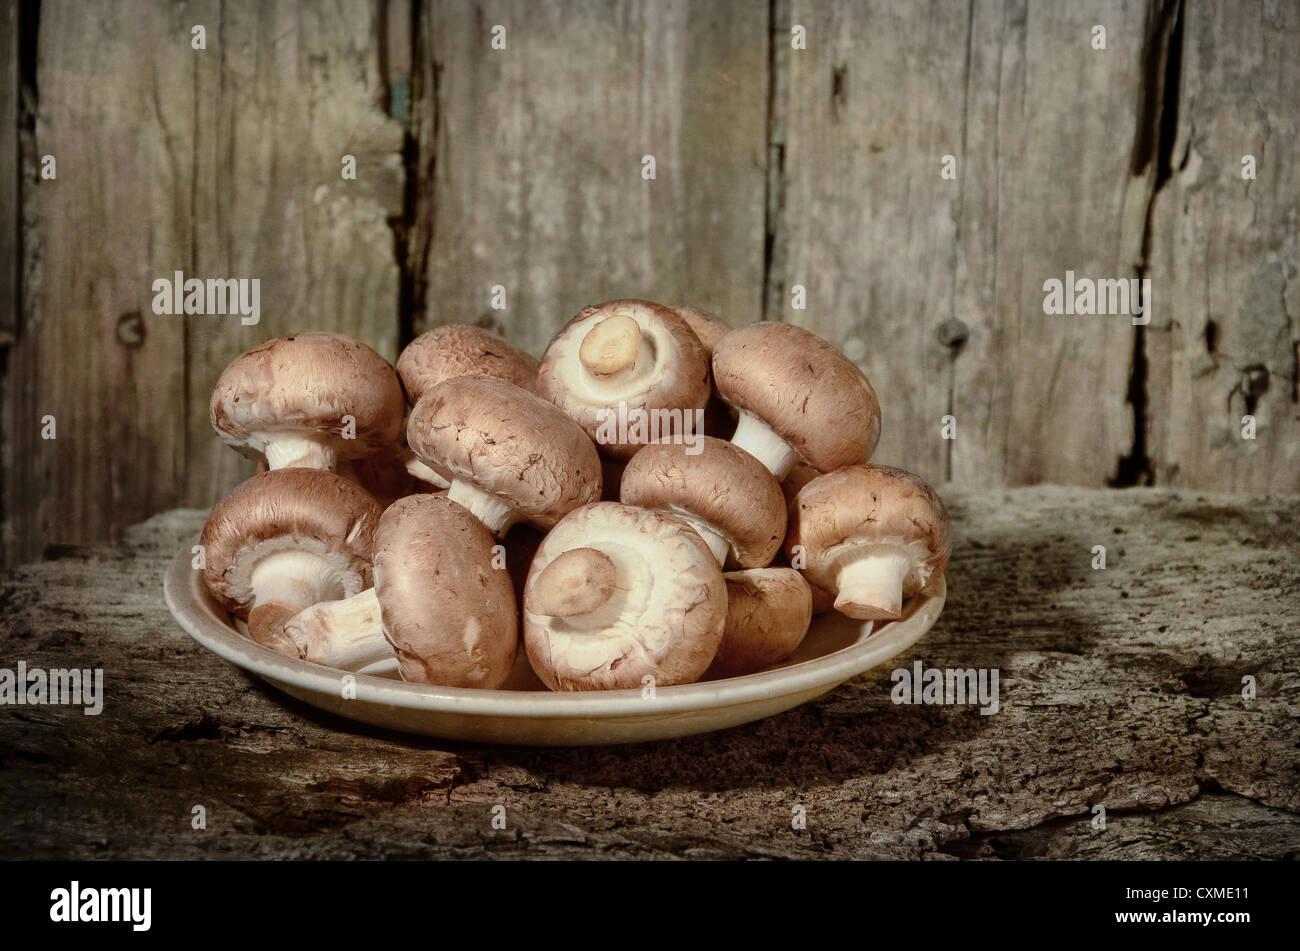 Funghi biologici pulsante funghi marrone non cotti in un piatto pronto prelevato con forcella pronte per essere Immagini Stock